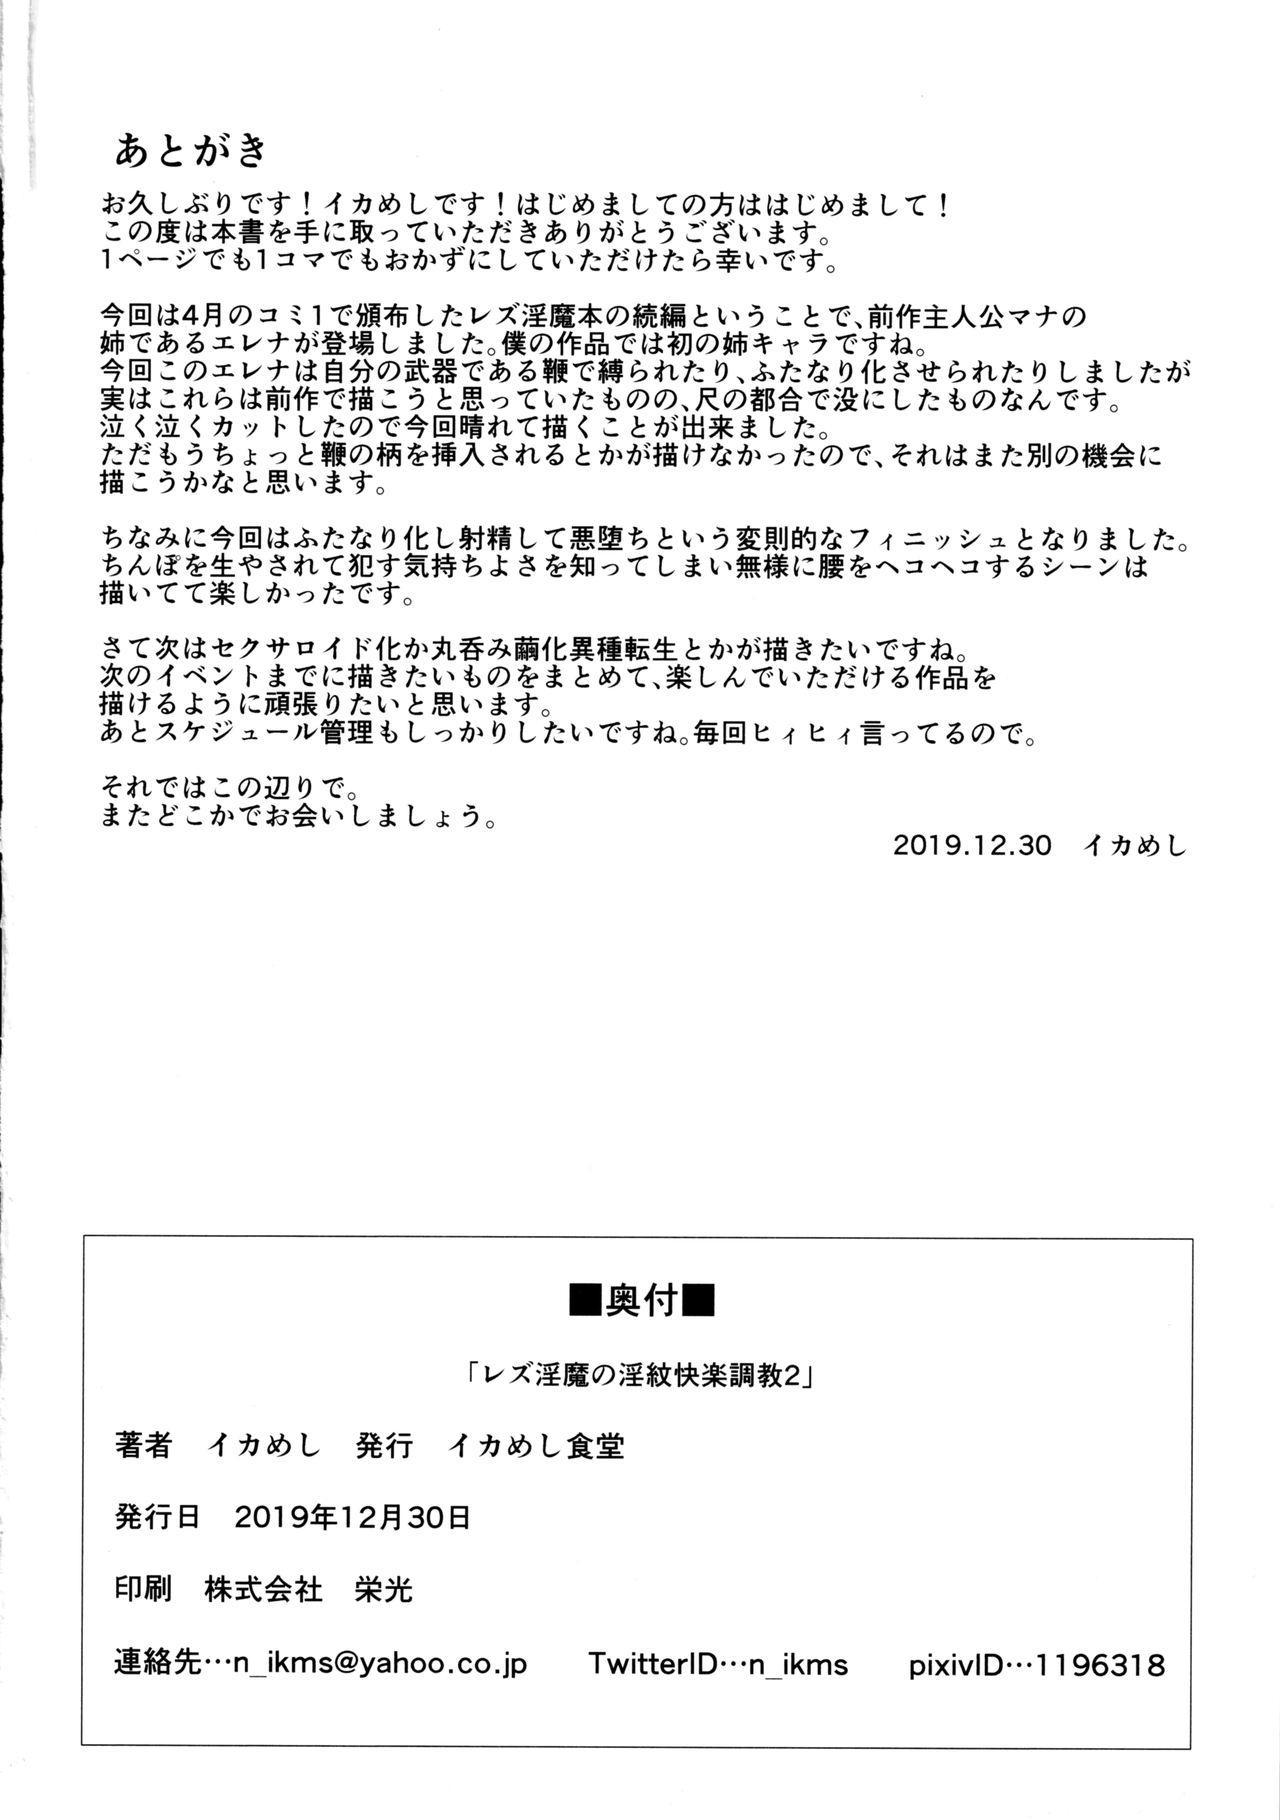 Les Inma no Inmon Kairaku Choukyou 2 24